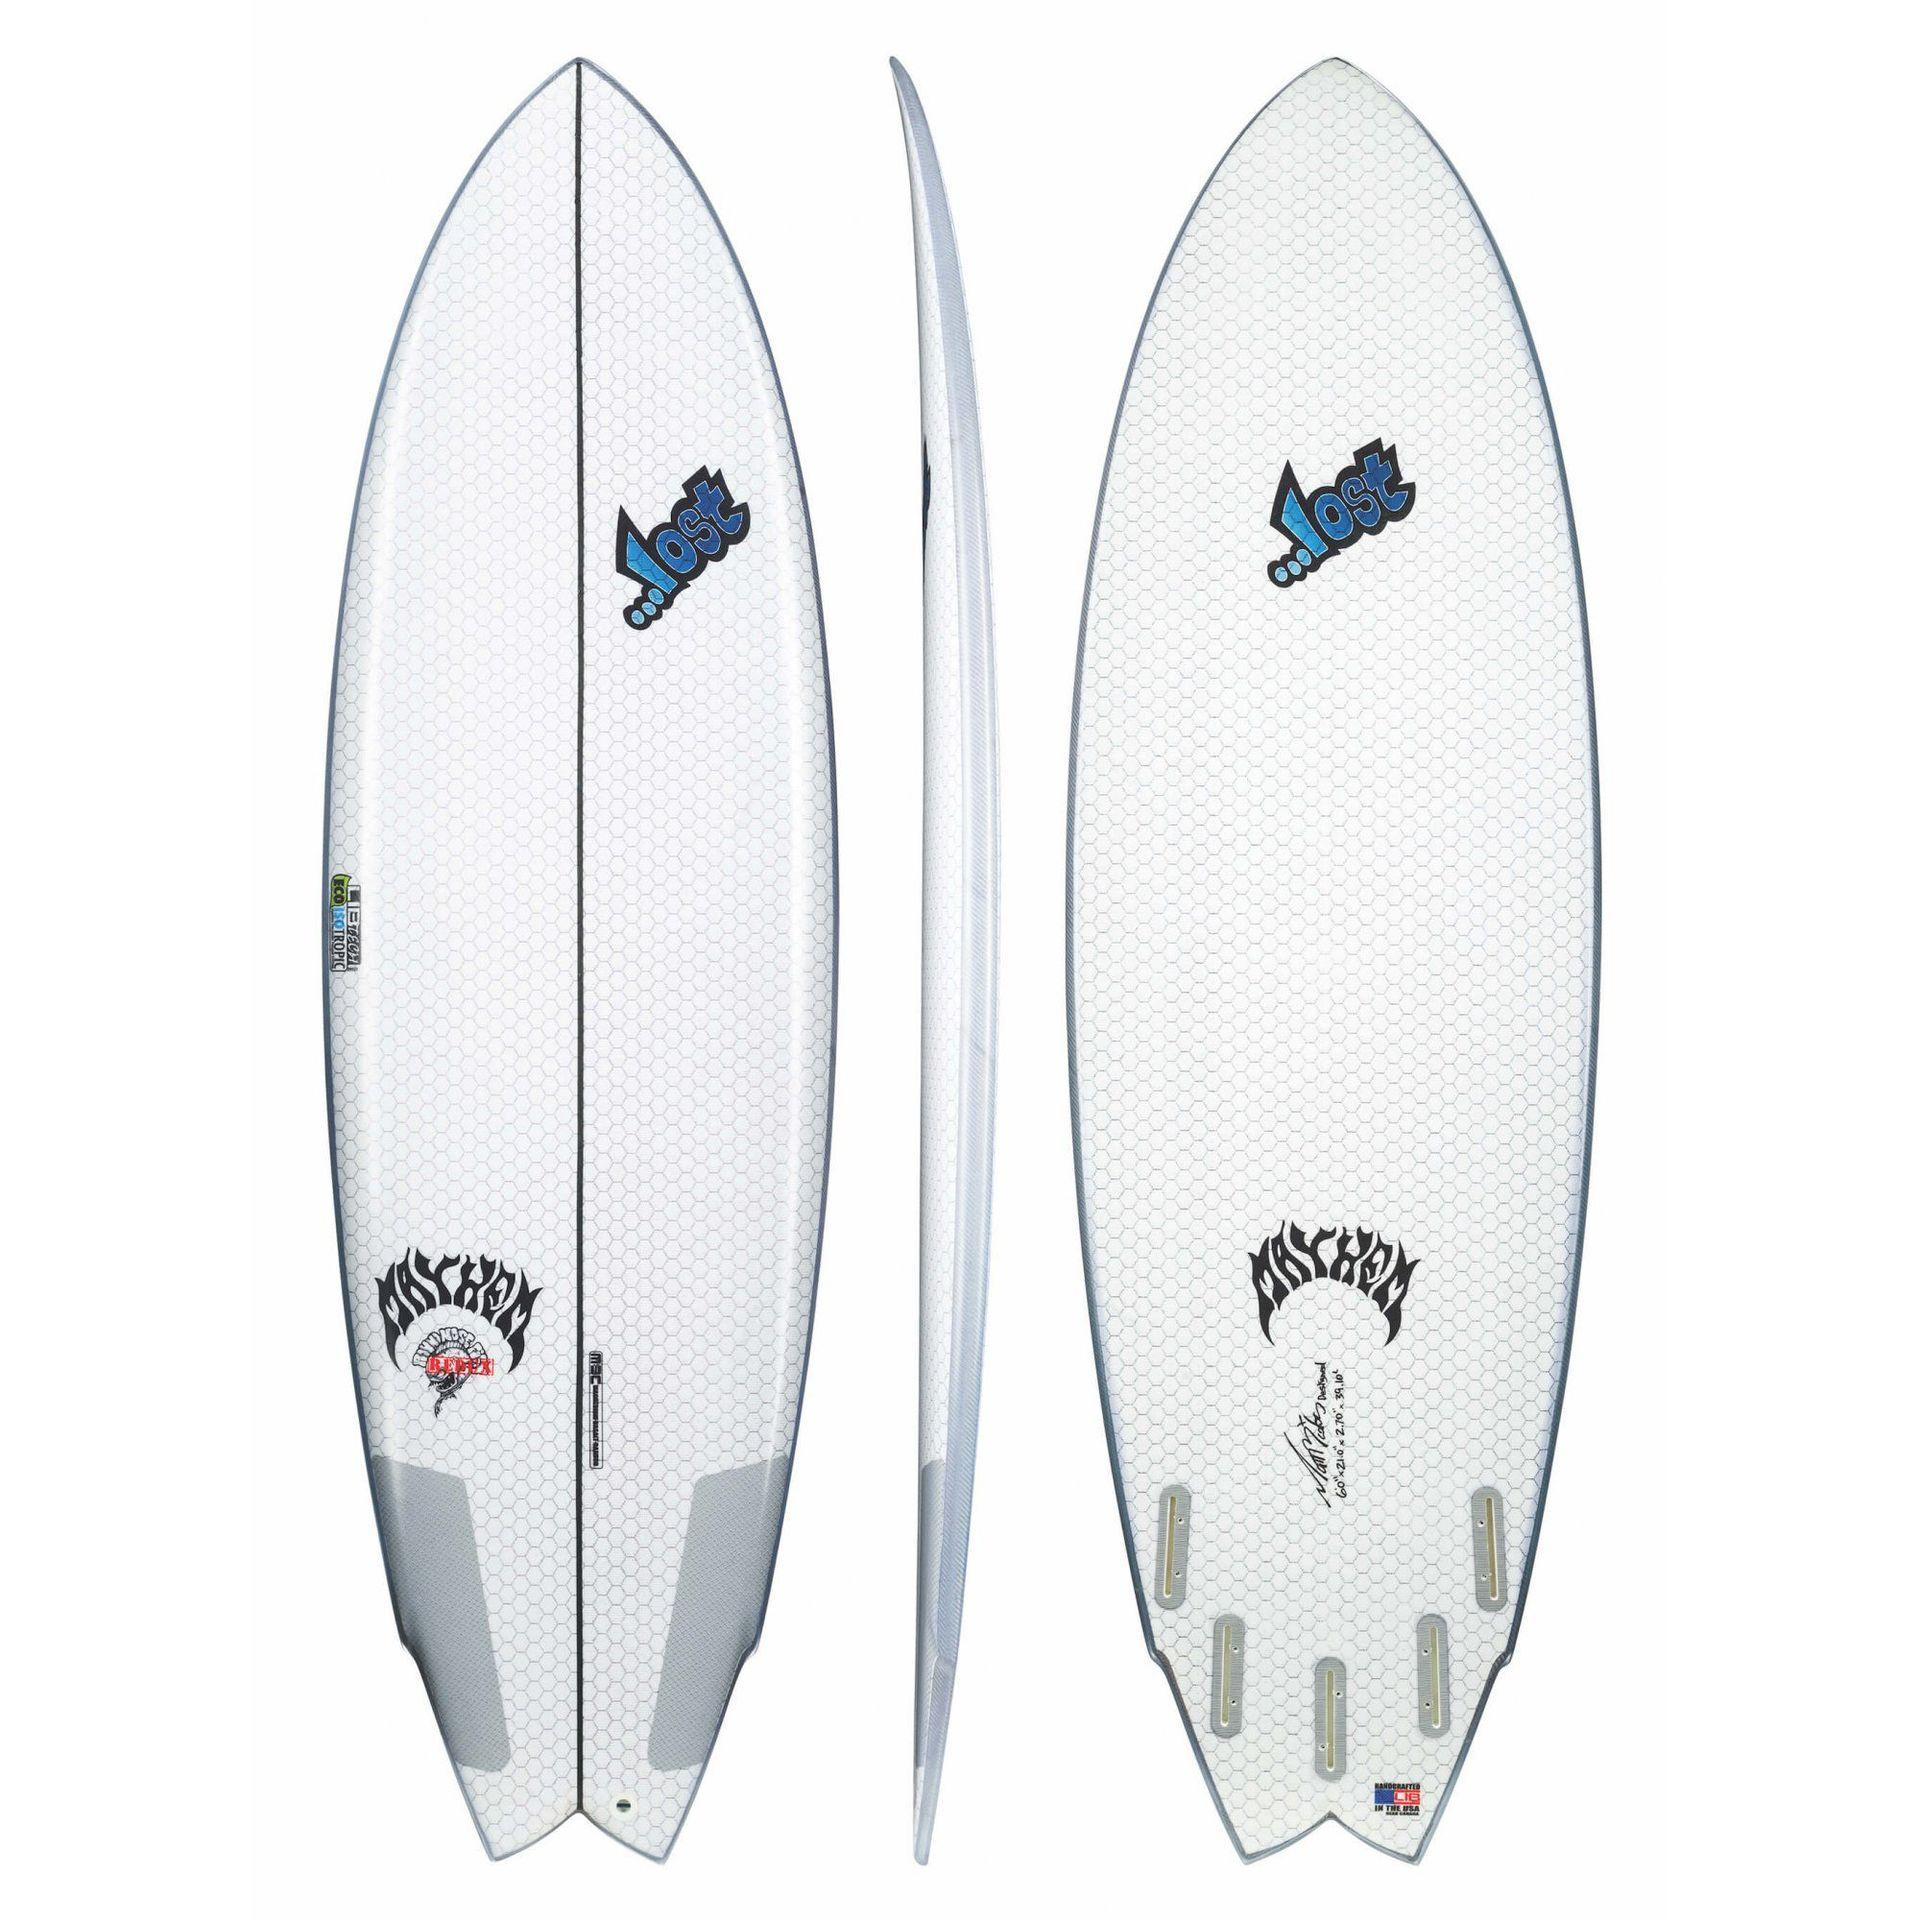 DESKA SURFINGOWA LIB TECH LOST ROUND NOSE FISH 1